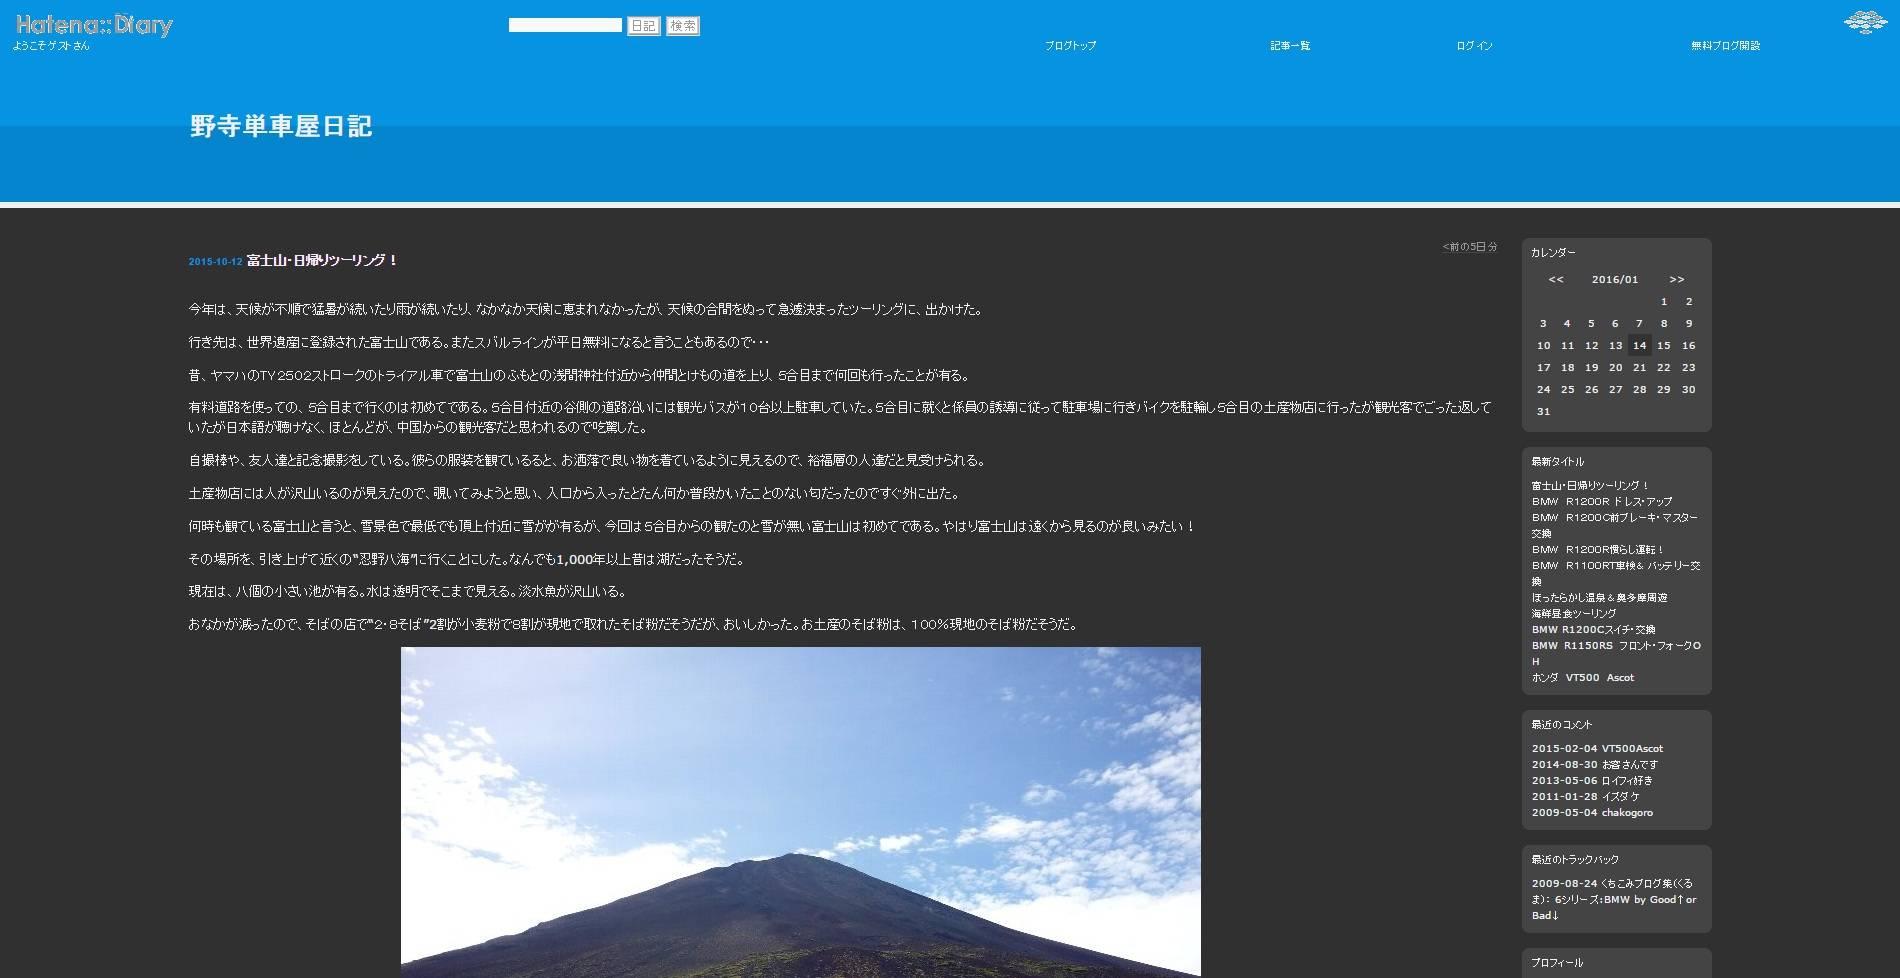 モトテクニカジャパン